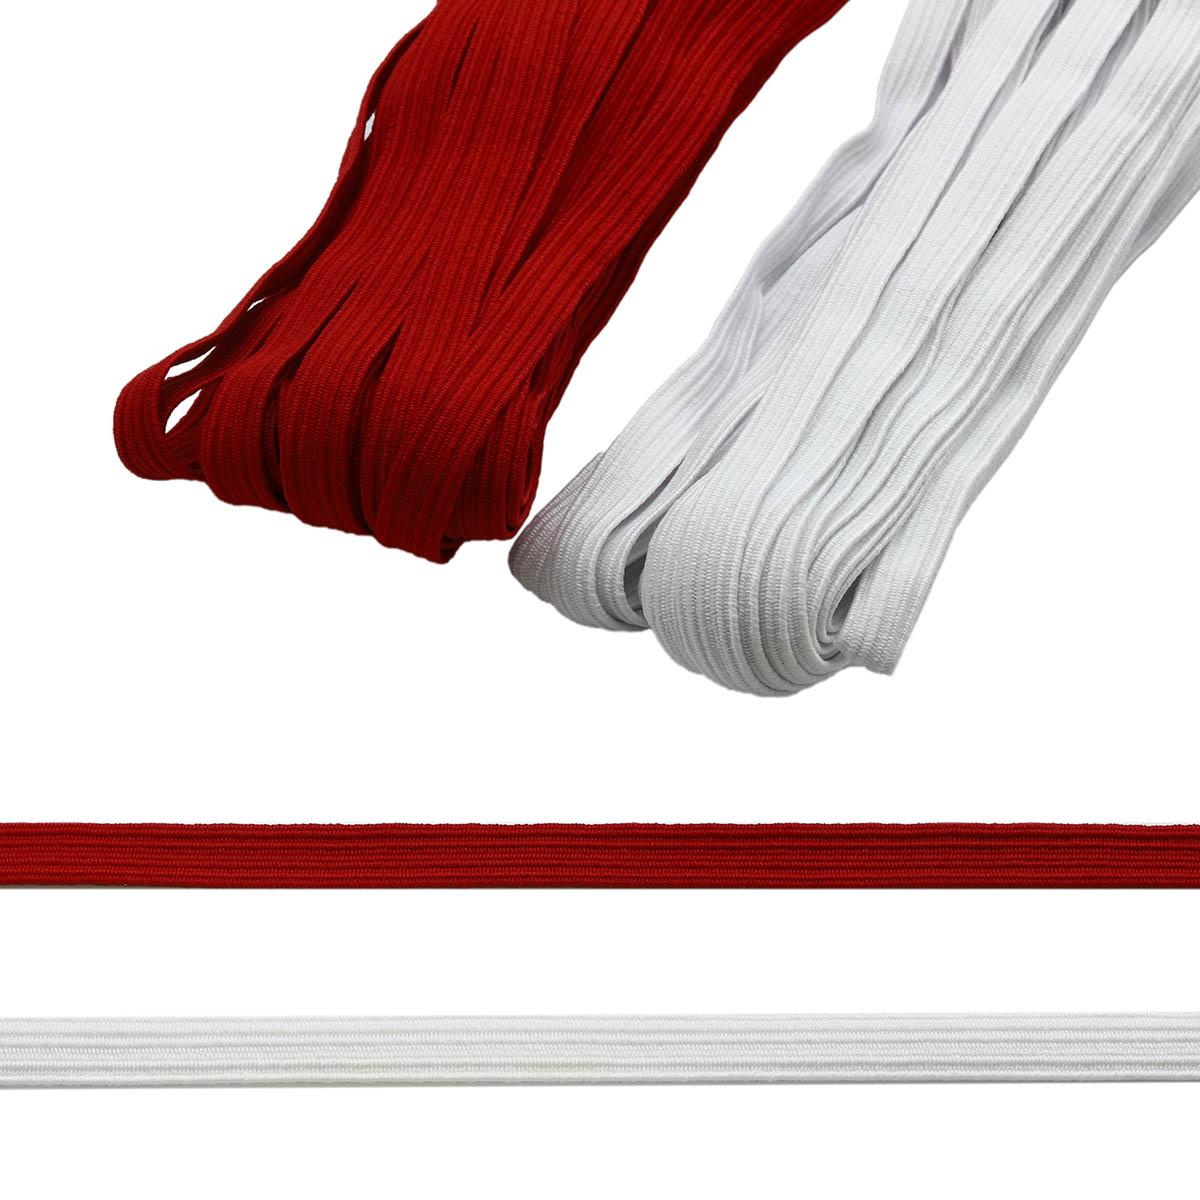 Резинка-продежка (тесьма эластичная) 10 мм (2 мот по 10м), цв. белый, красный